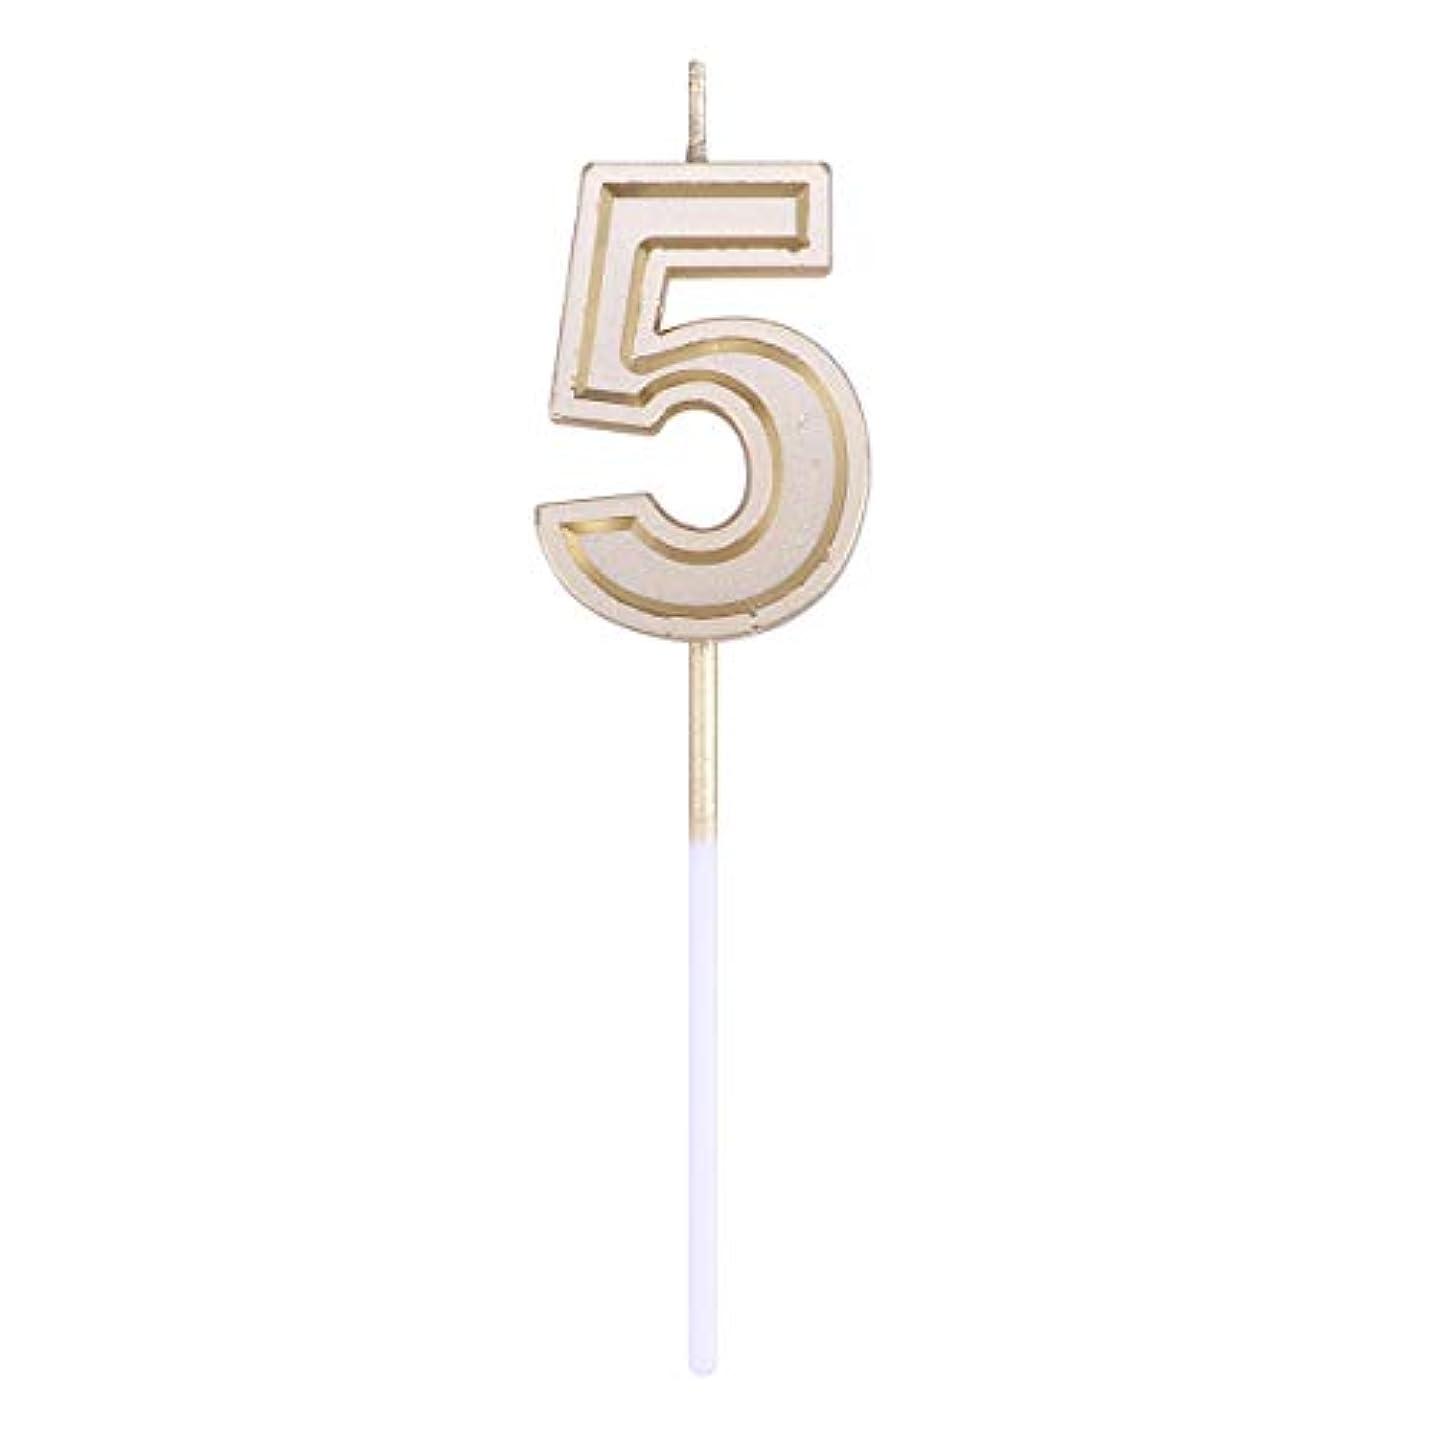 増幅する首相アラバマToyvian ゴールドラメ誕生日おめでとう数字キャンドル番号キャンドルケーキトッパー装飾用大人キッズパーティー(5)